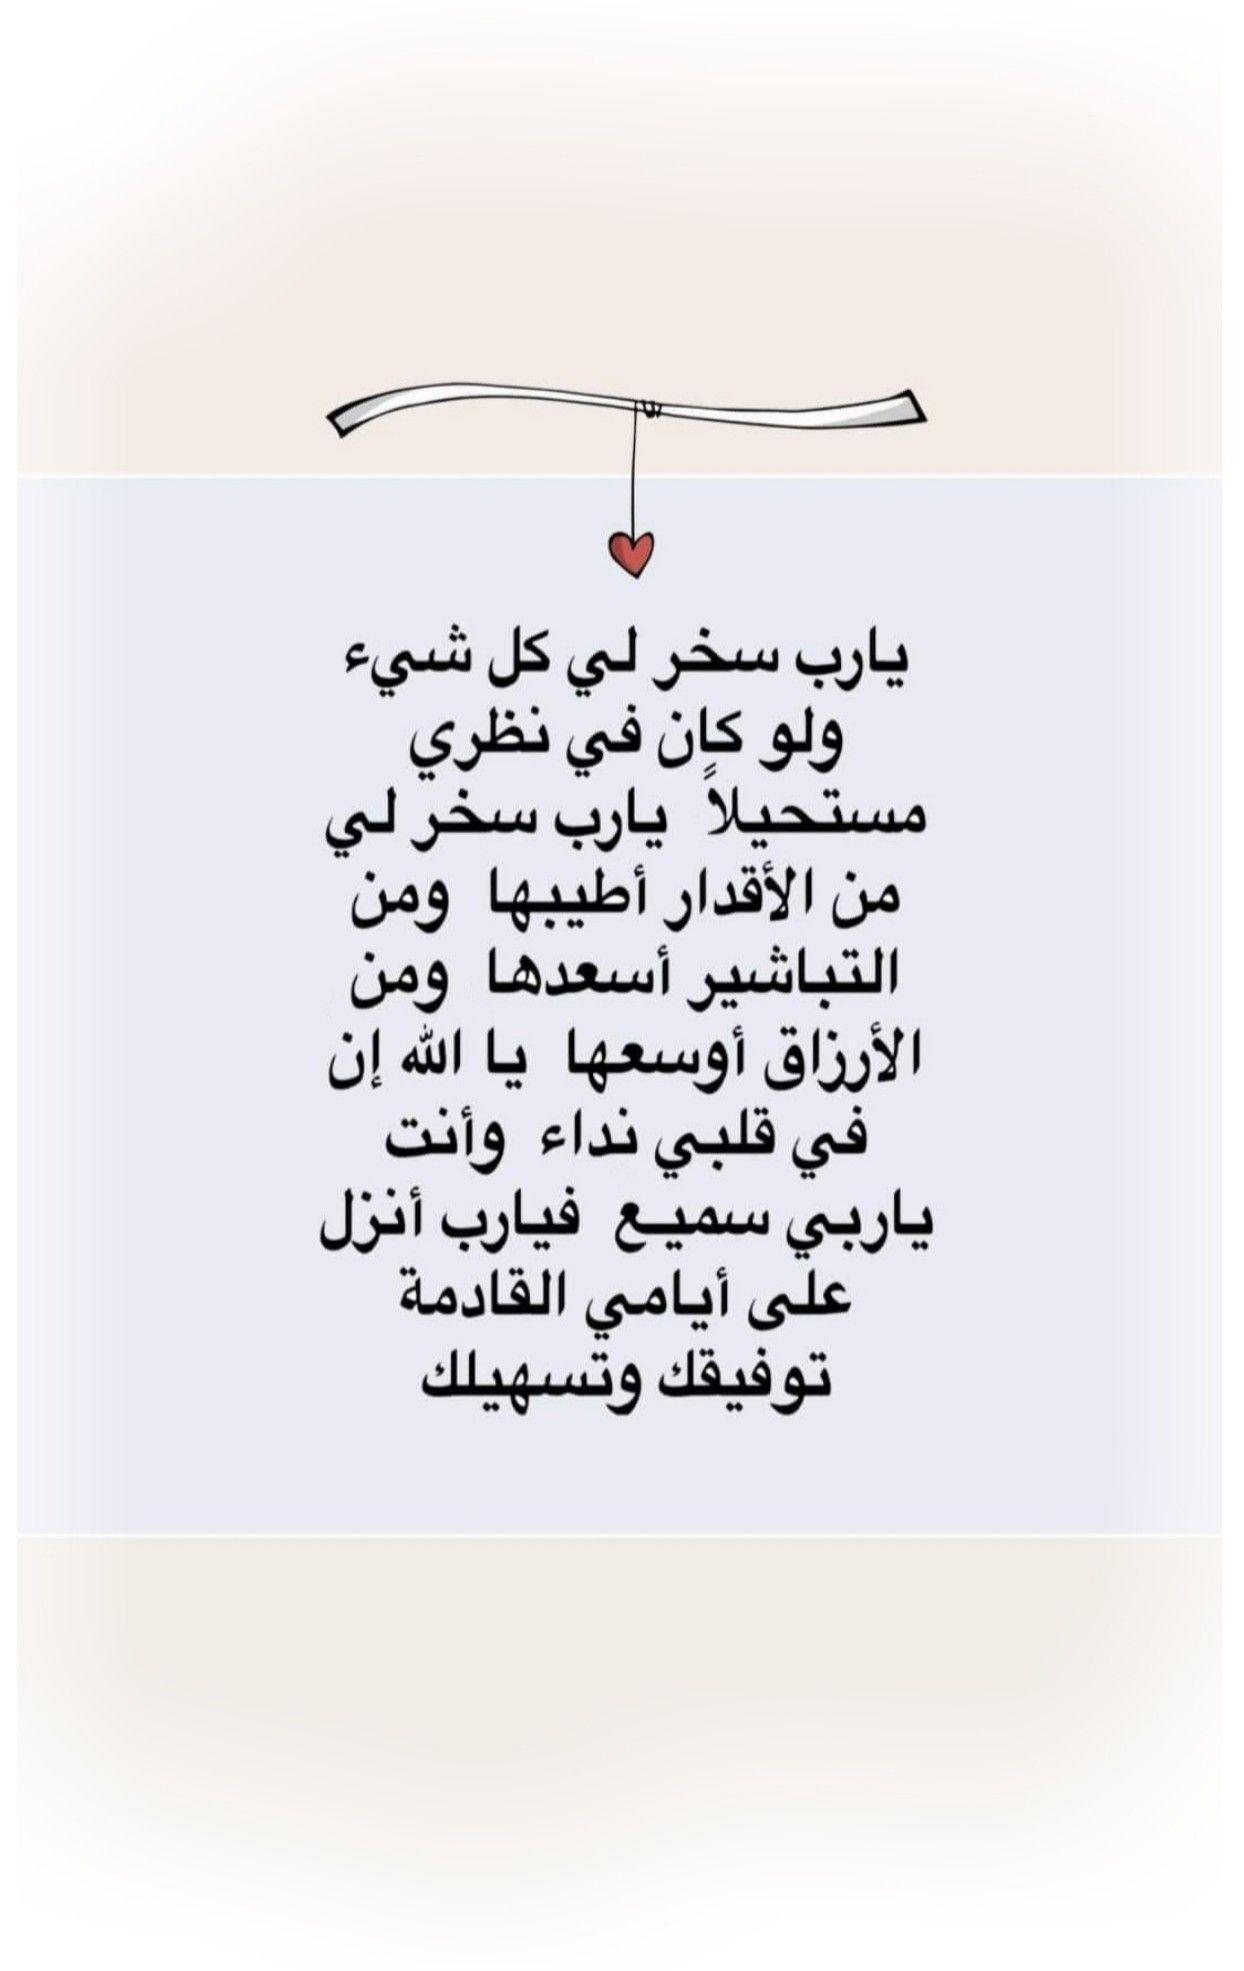 يارب سخر لي كل شيء ولو كان في نظري مستحيلا يارب سخر لي من الأقدار أطيبها ومن التباشير أسعدها ومن الأرزاق أوسع Words Quotes Quran Quotes Love Life Quotes